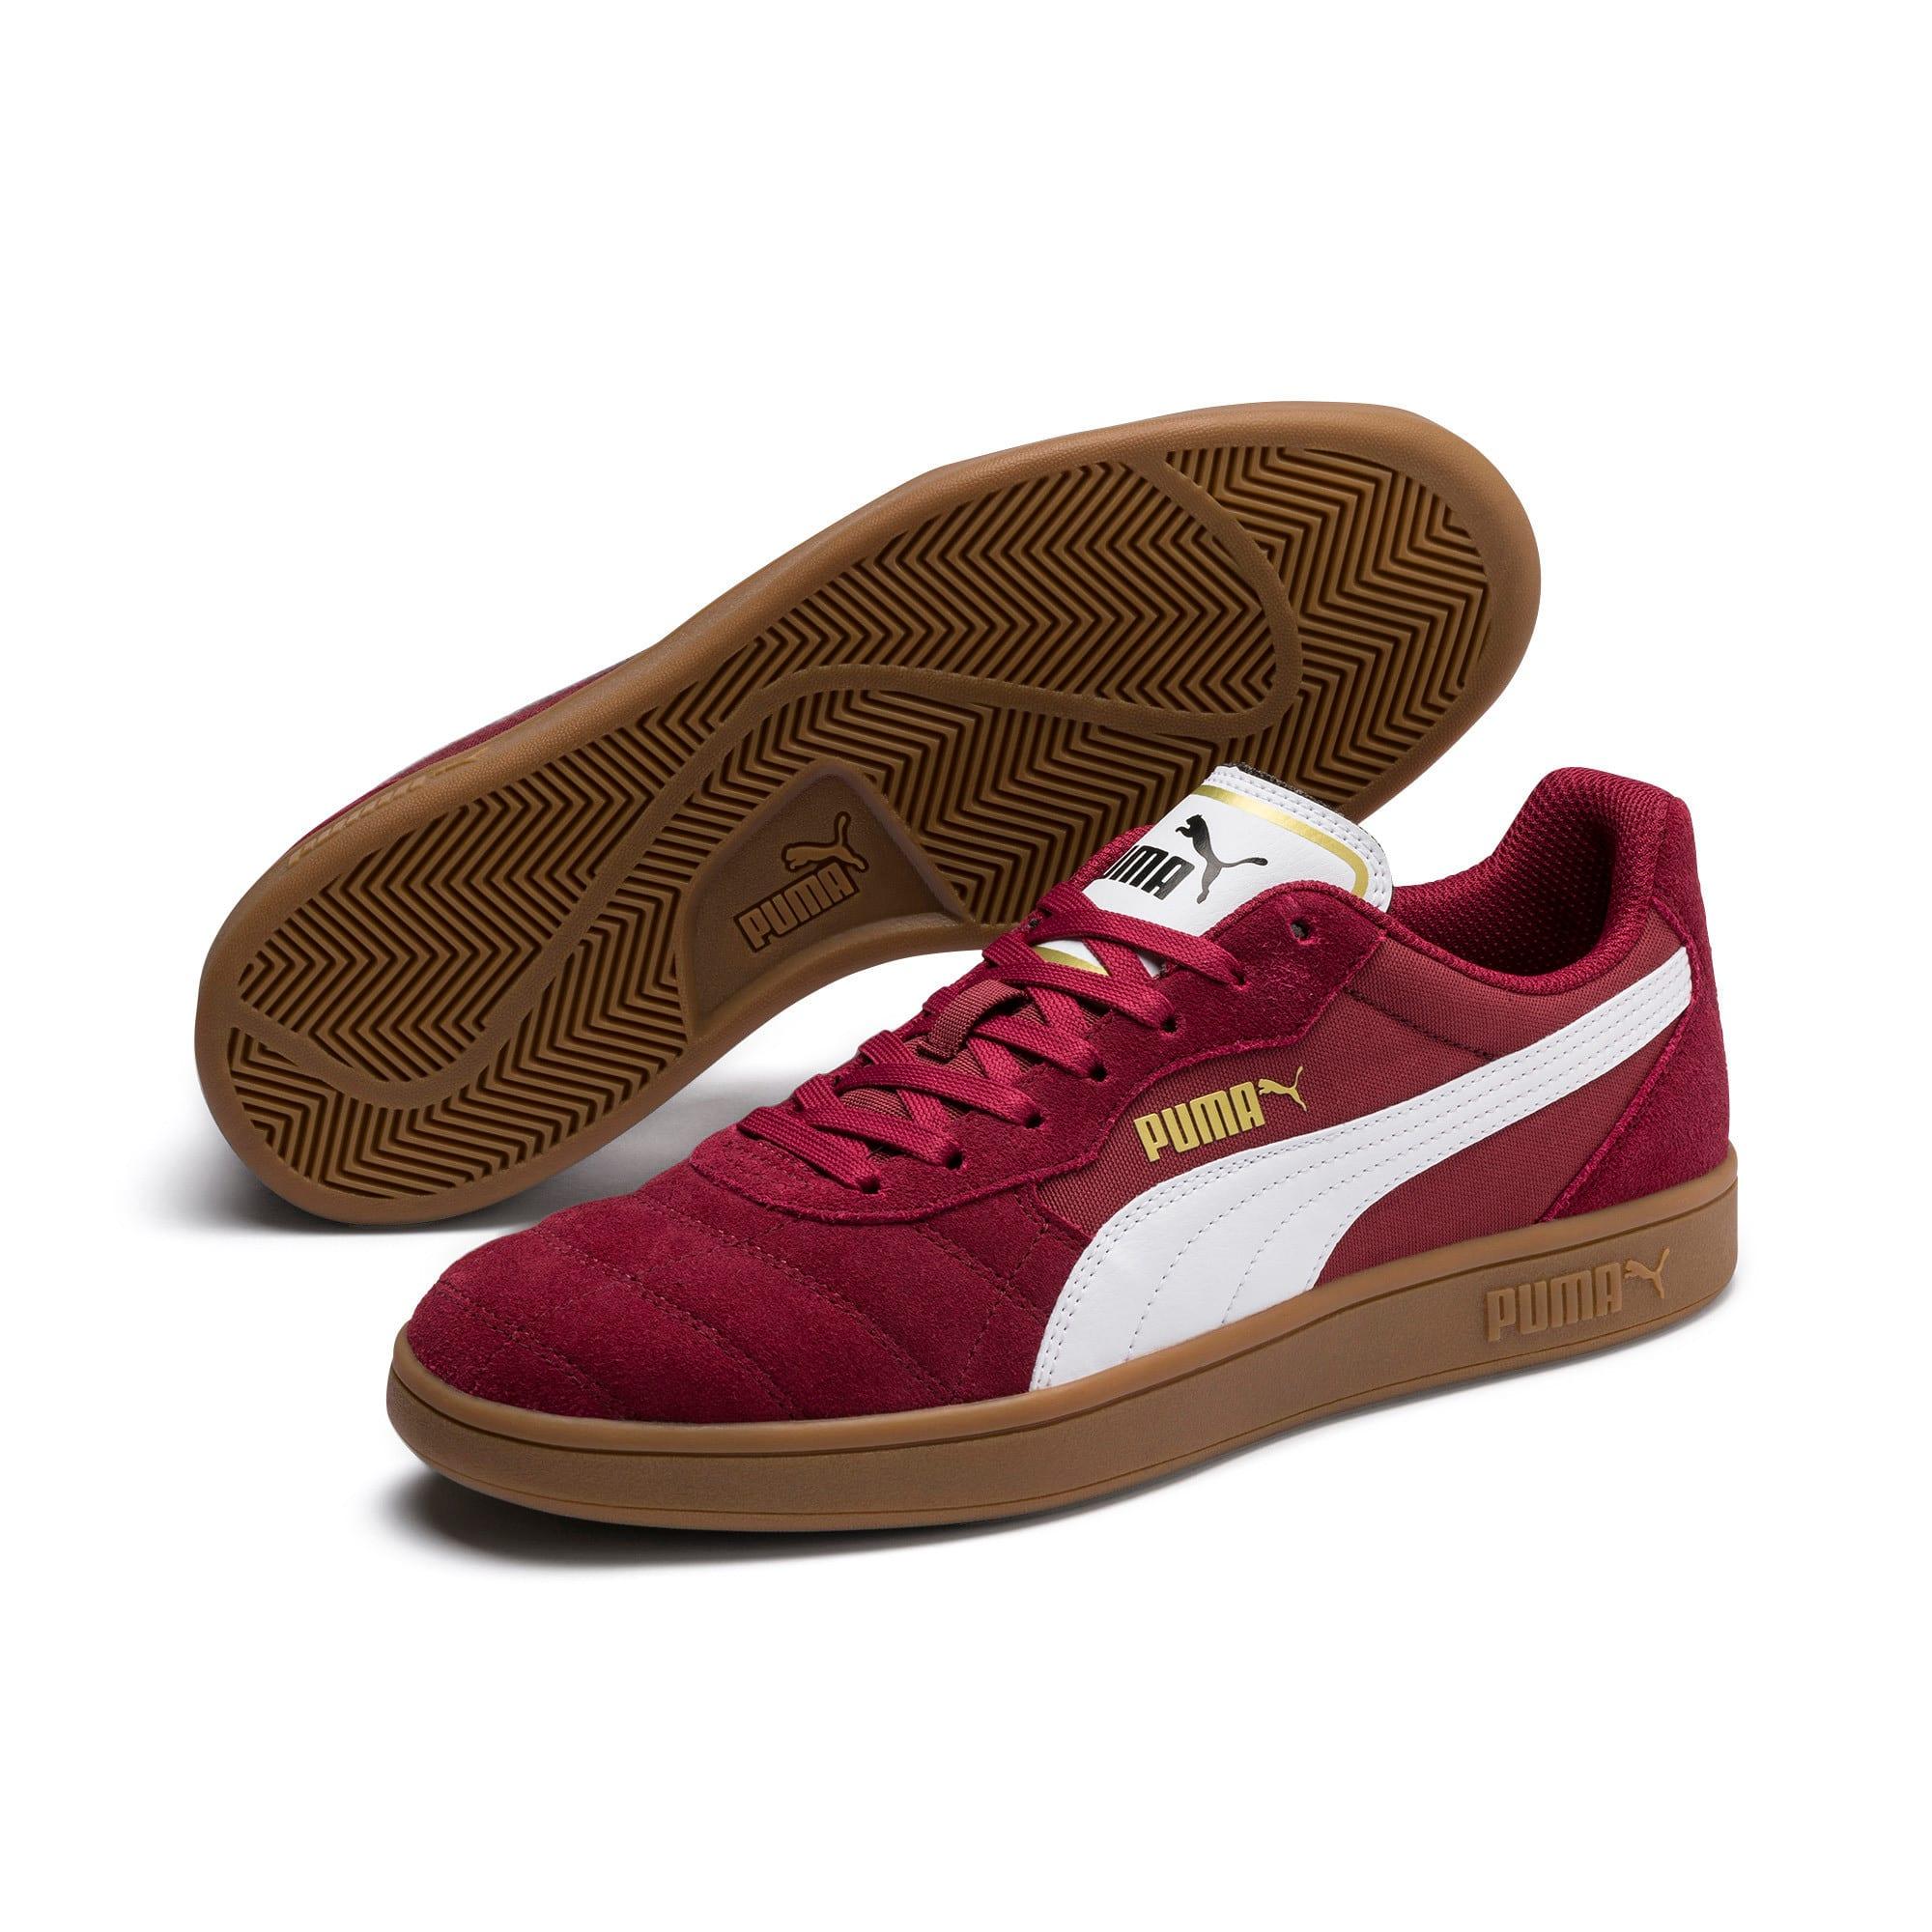 Miniatura 2 de Zapatos deportivos Astro Kick, Cordovan-Puma White, mediano